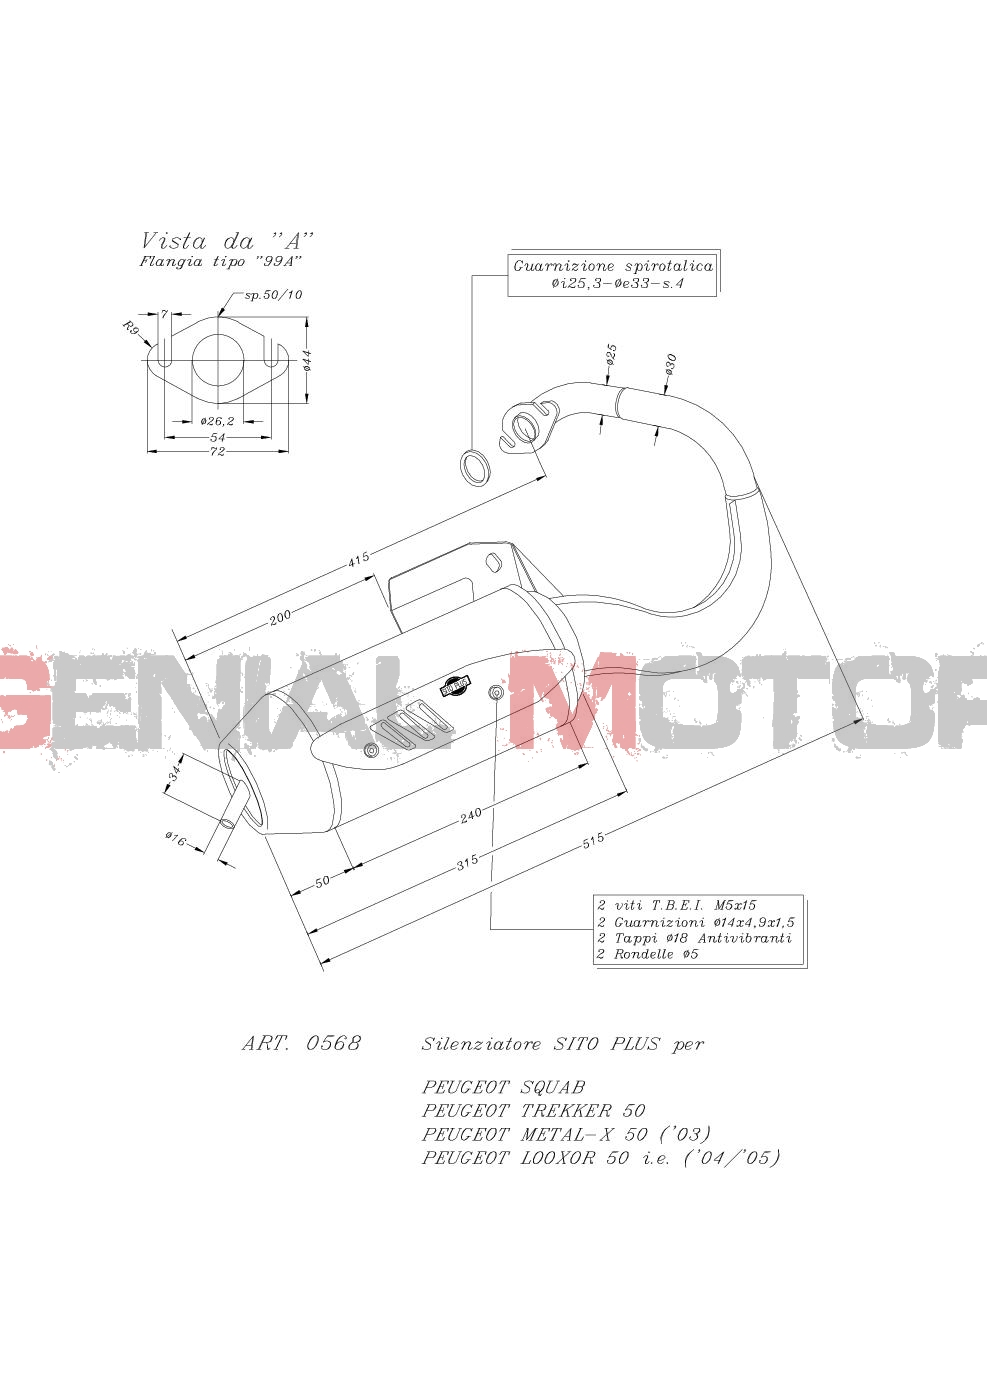 0568 Echappement Complete Leovince Sitoplus Acier Peugeot Metal X 50 2003 > 2006